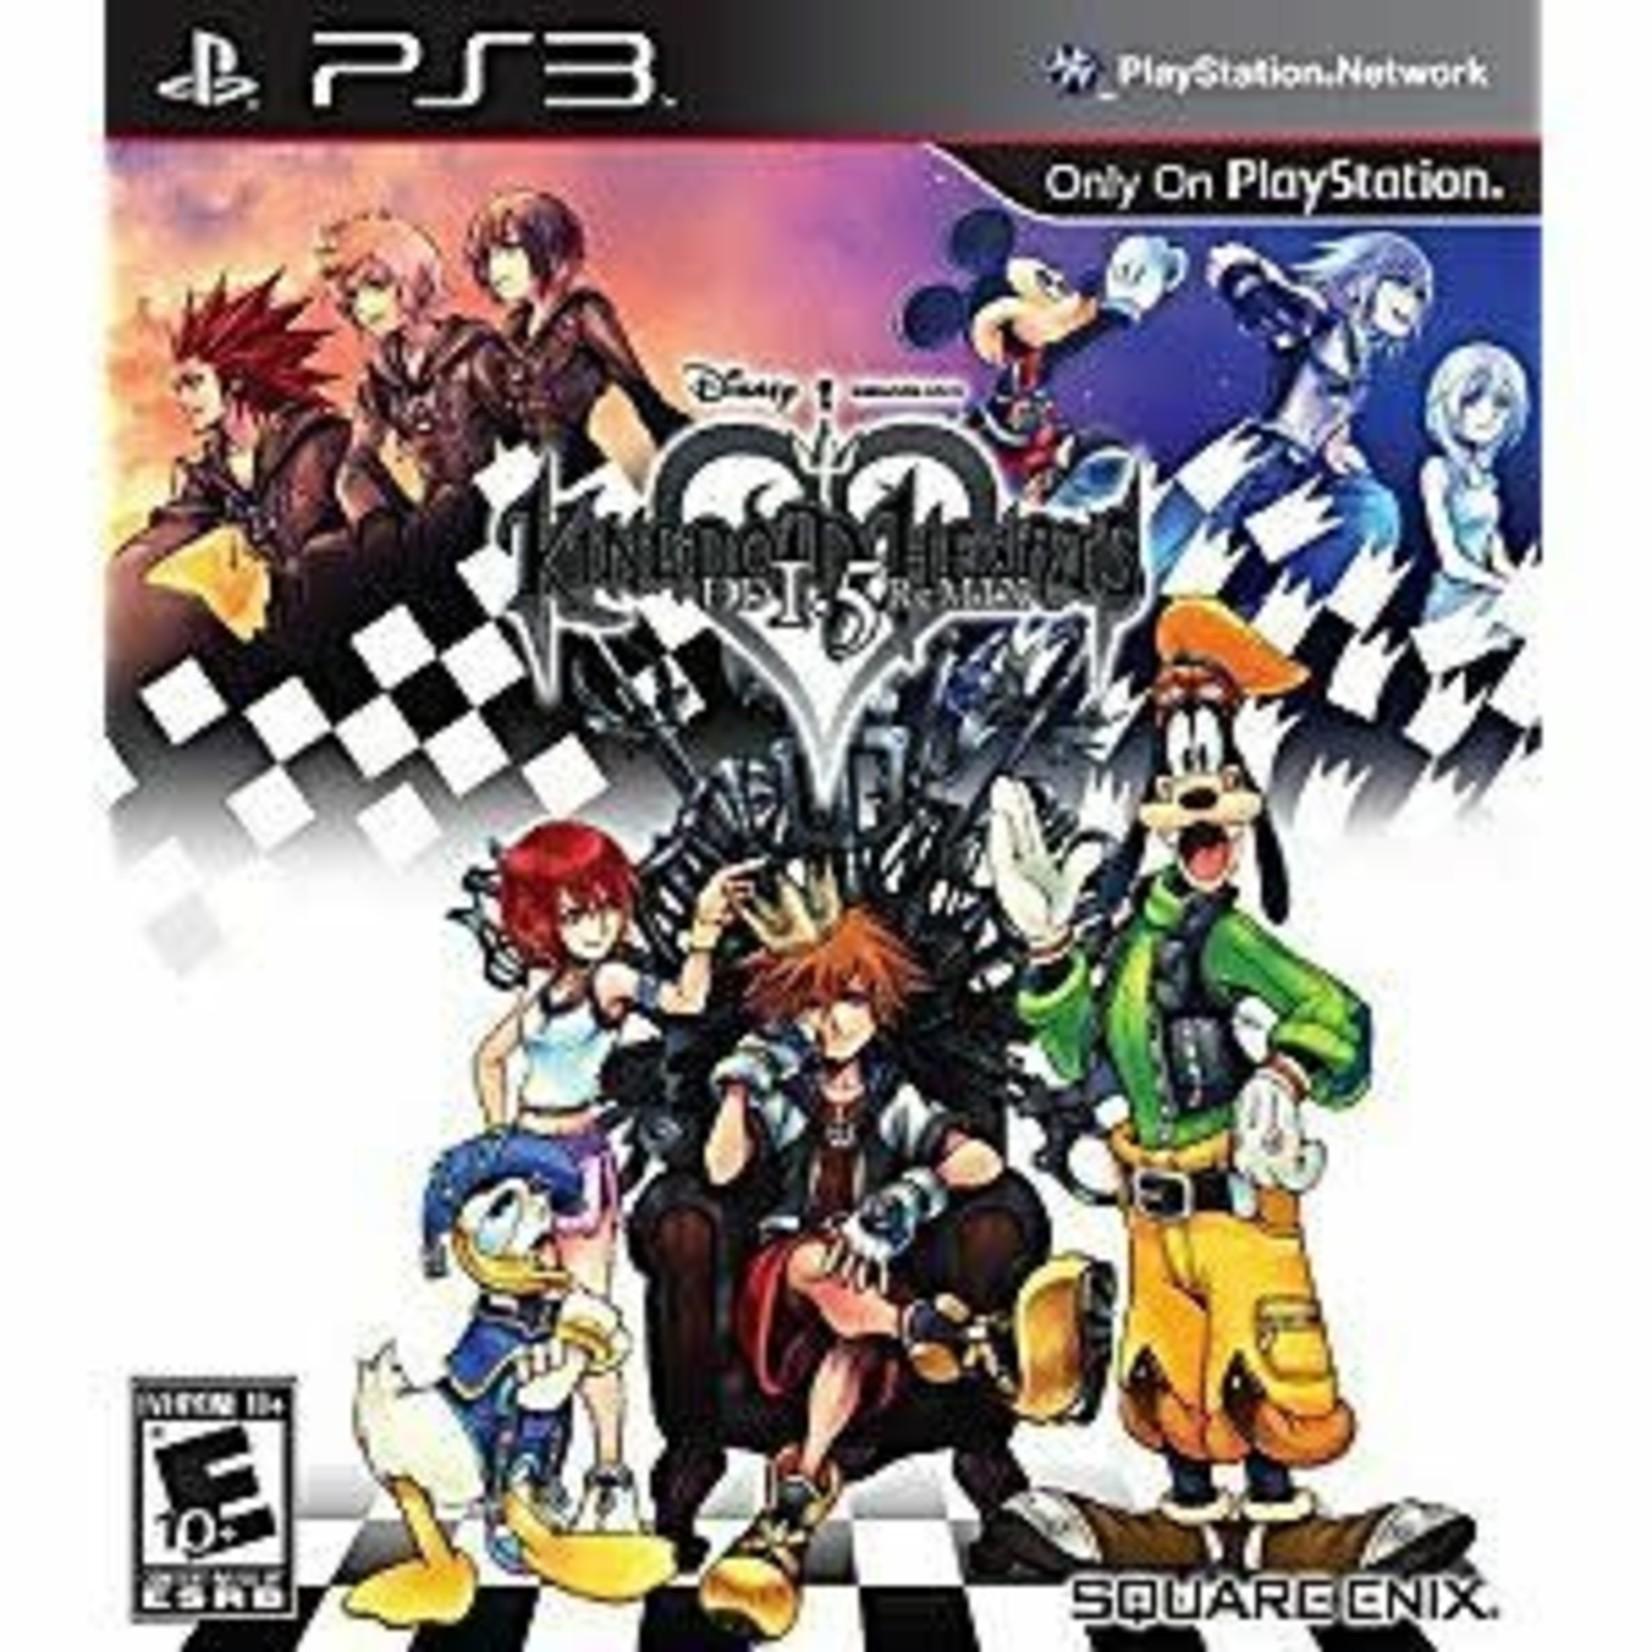 PS3-KINGDOM HEARTS HD 1.5 ReMIX